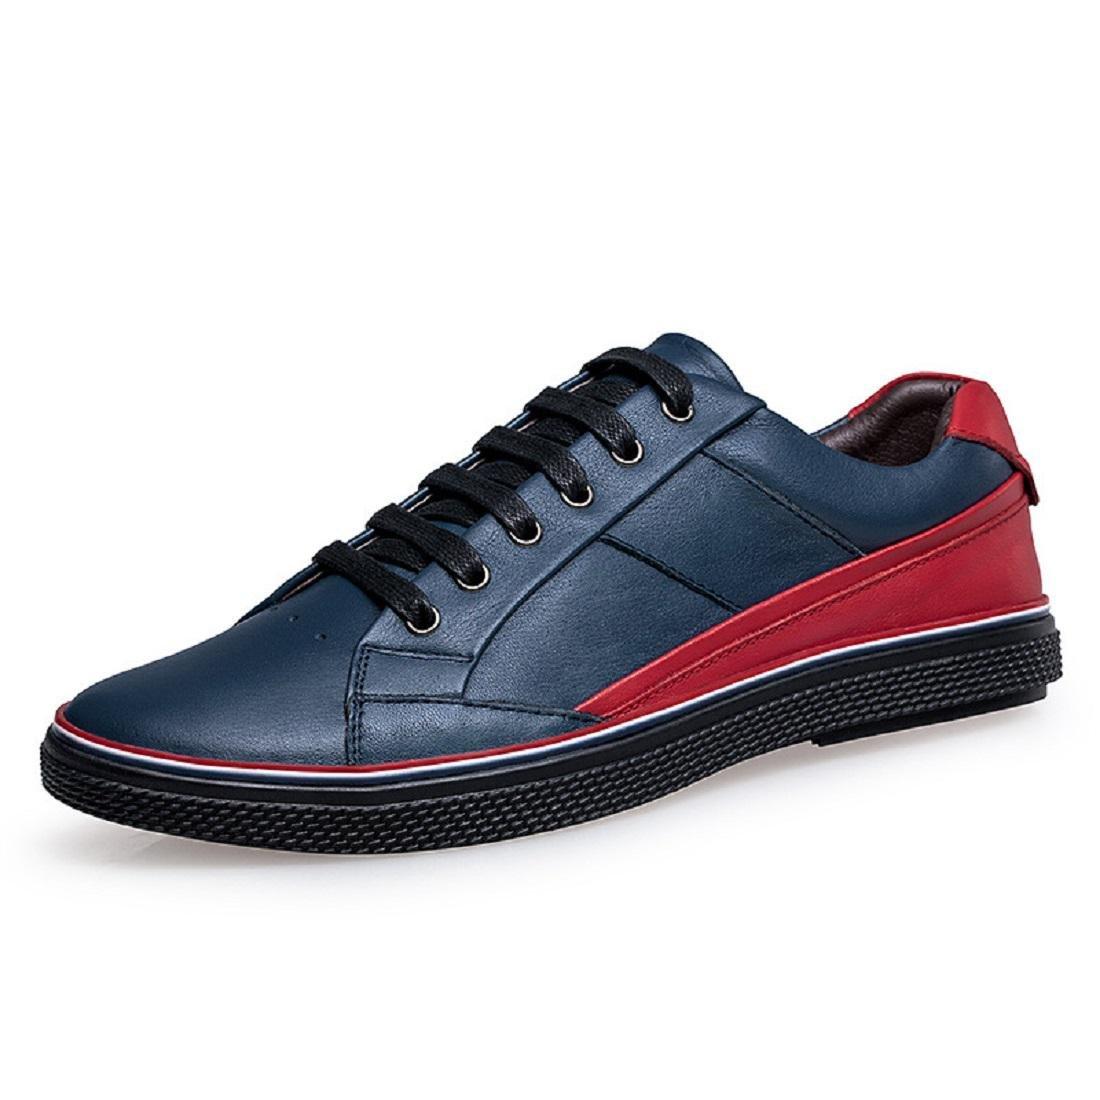 Herren Rutschfest Lässige Schuhe Flache Schuhe Sportschuhe Freizeit Lederschuhe Ausbilder Große Größe EUR GRÖSSE 38-46